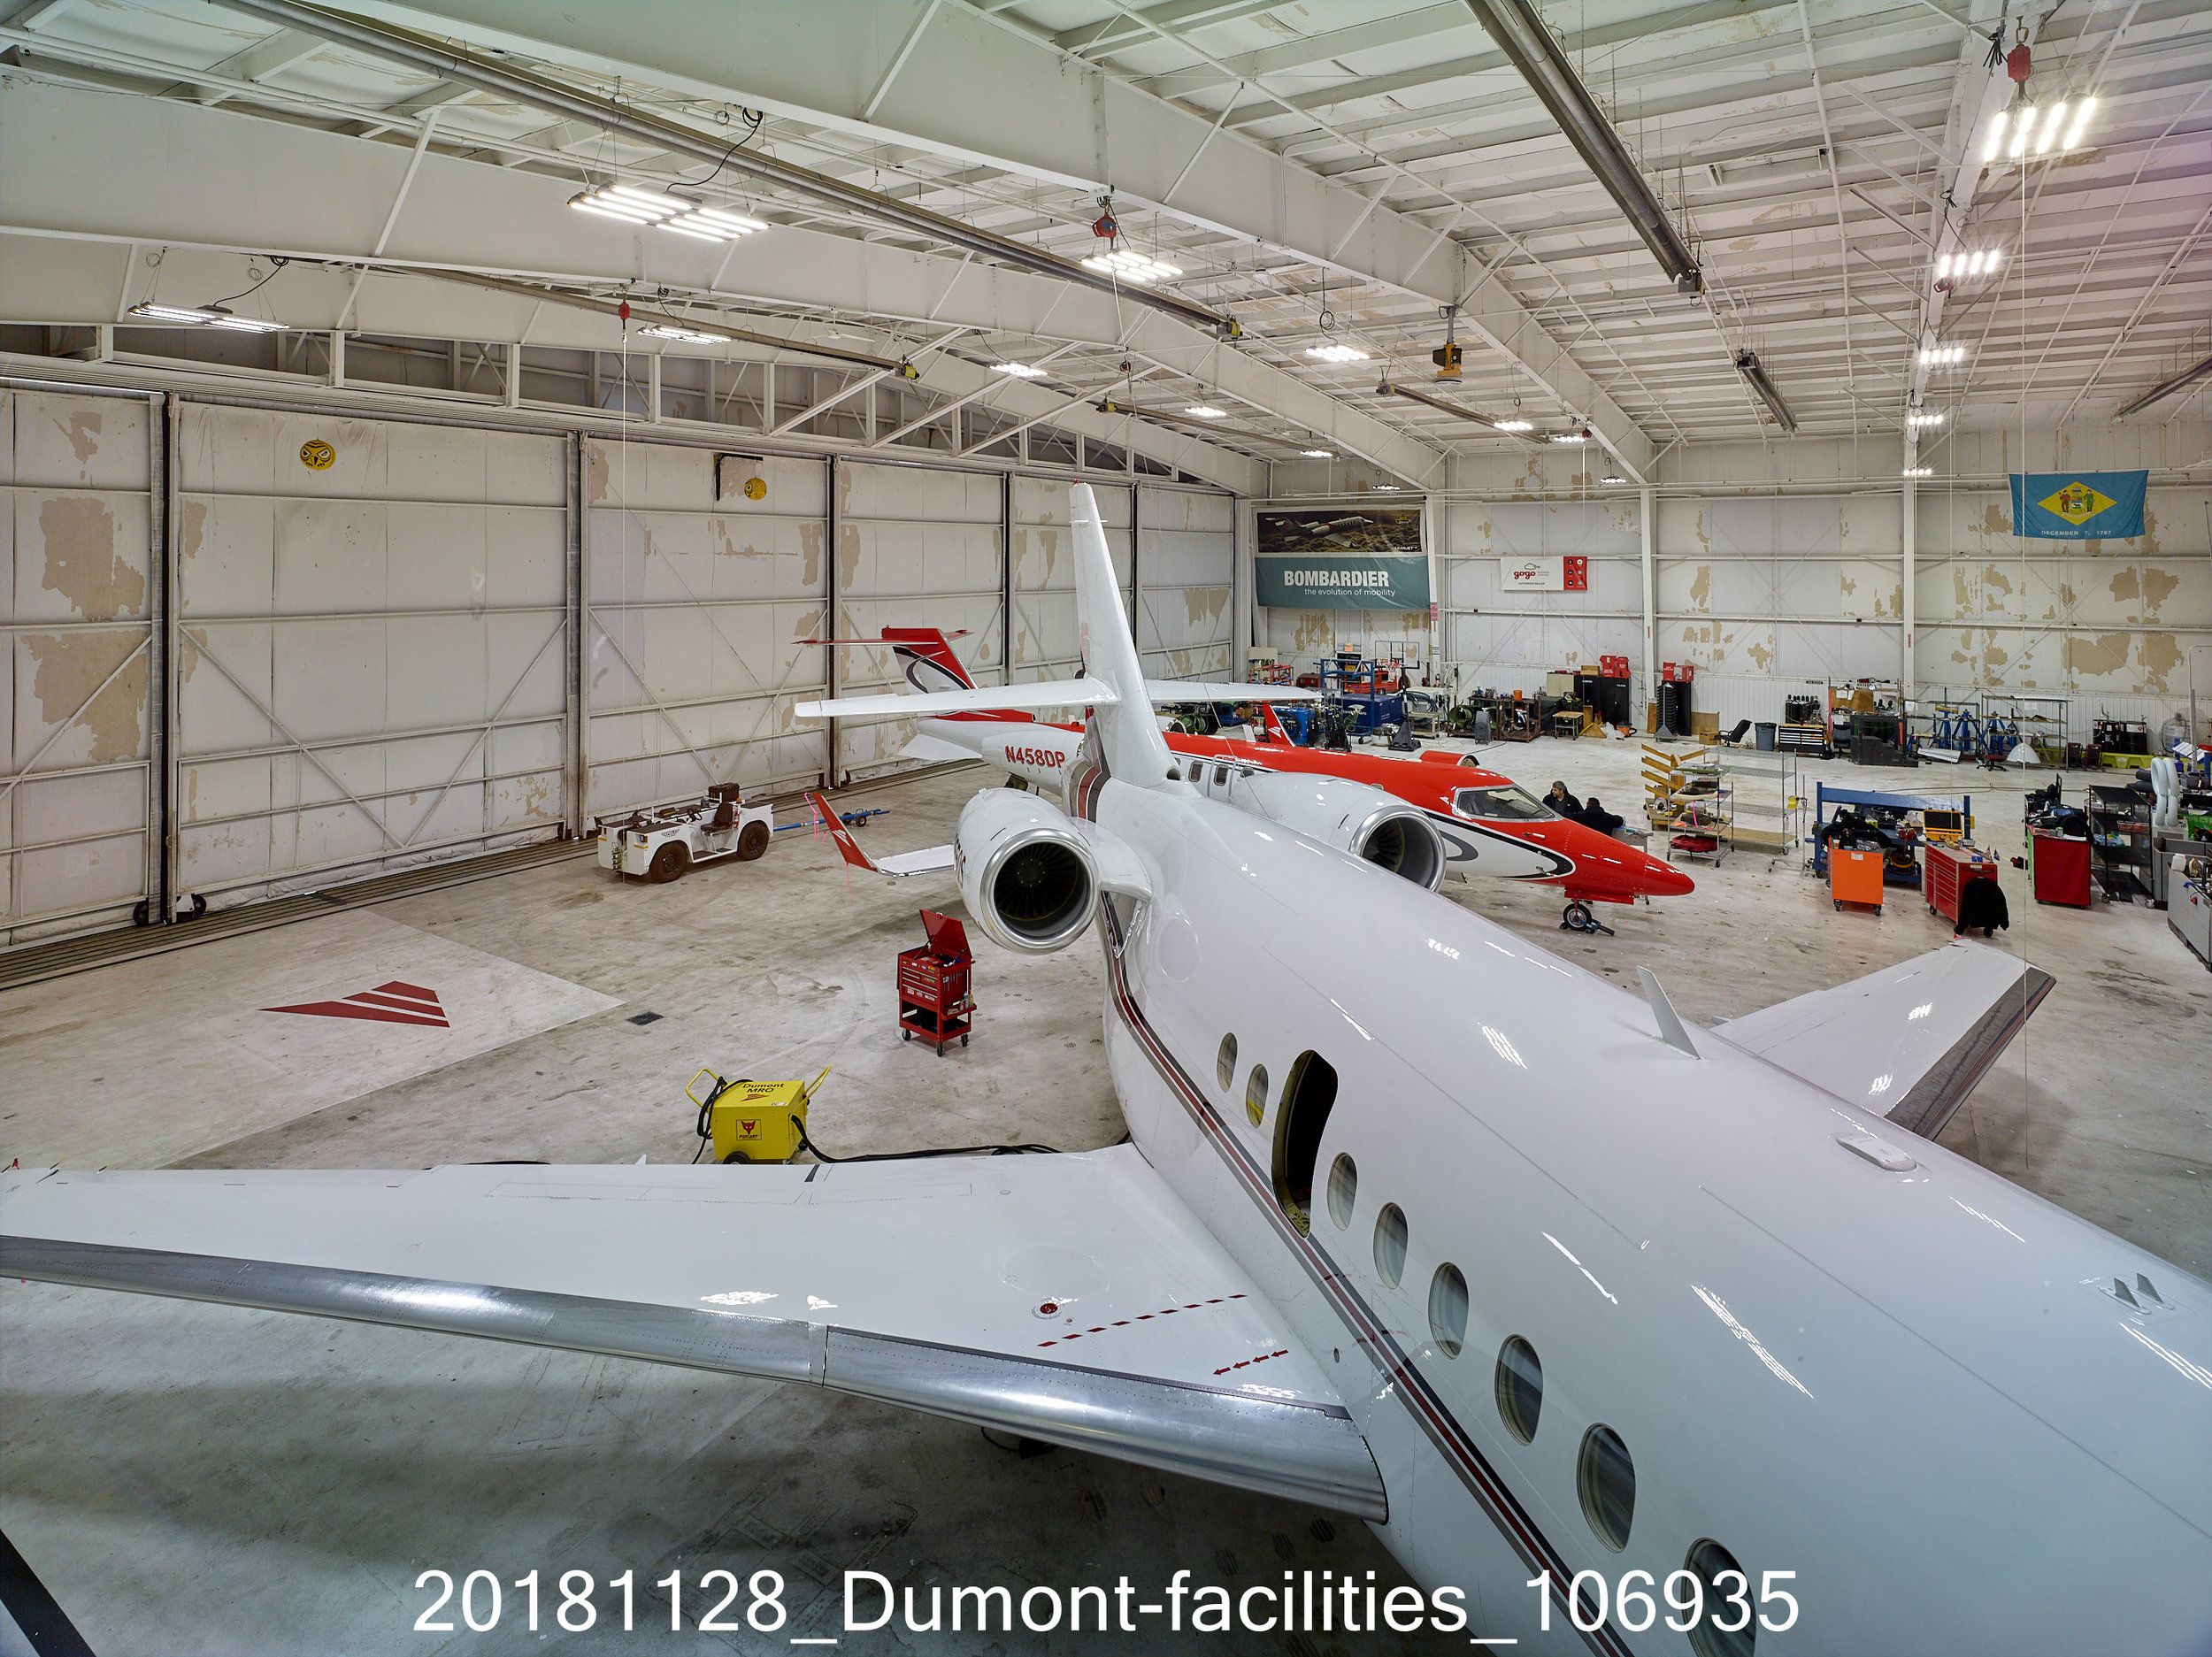 20181128_Dumont-facilities_106935.jpg